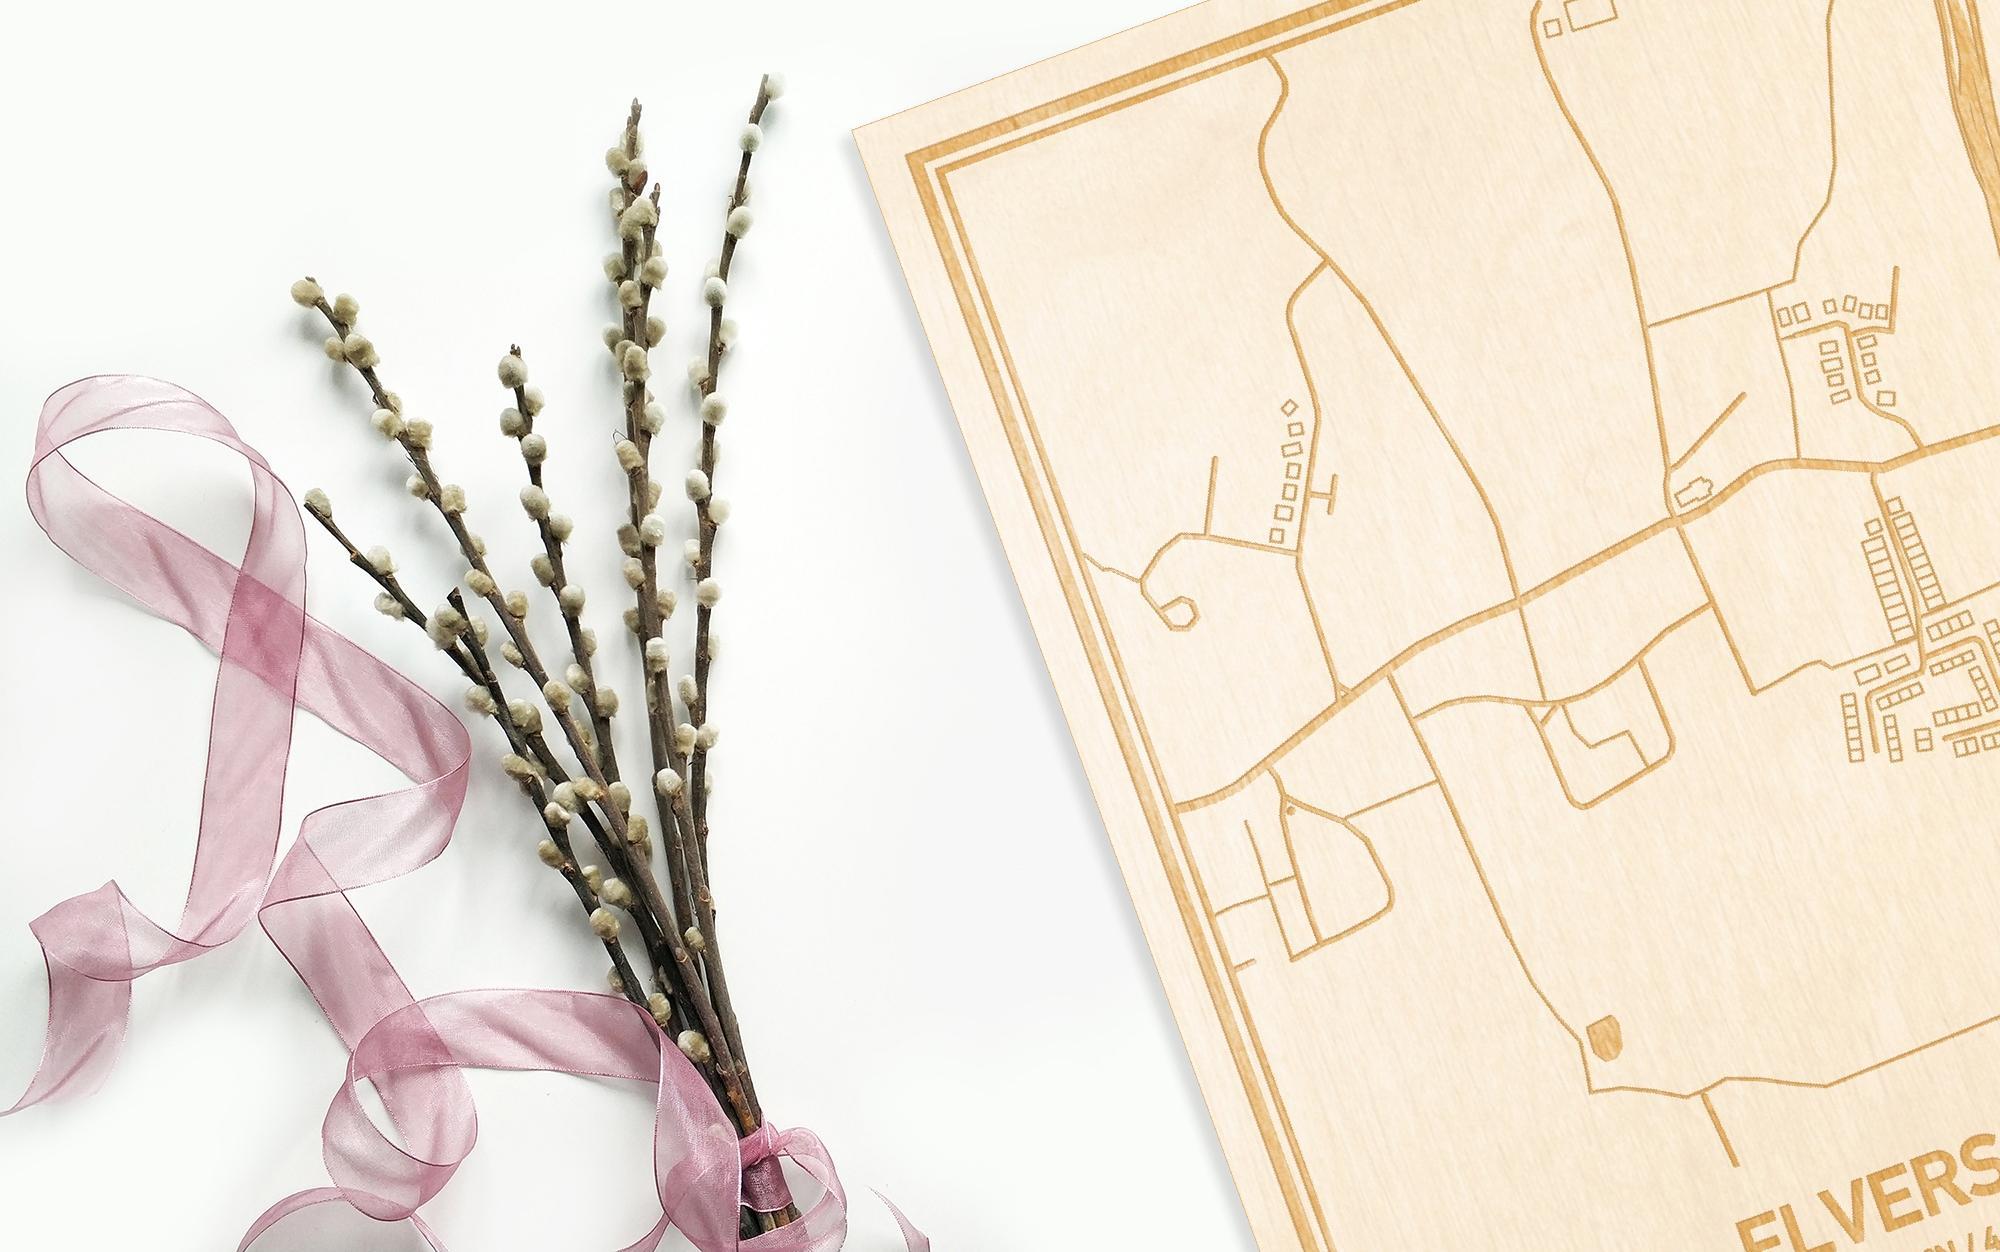 Hier ligt de houten plattegrond Elversele naast een bloemetje als gepersonaliseerd cadeau voor haar.